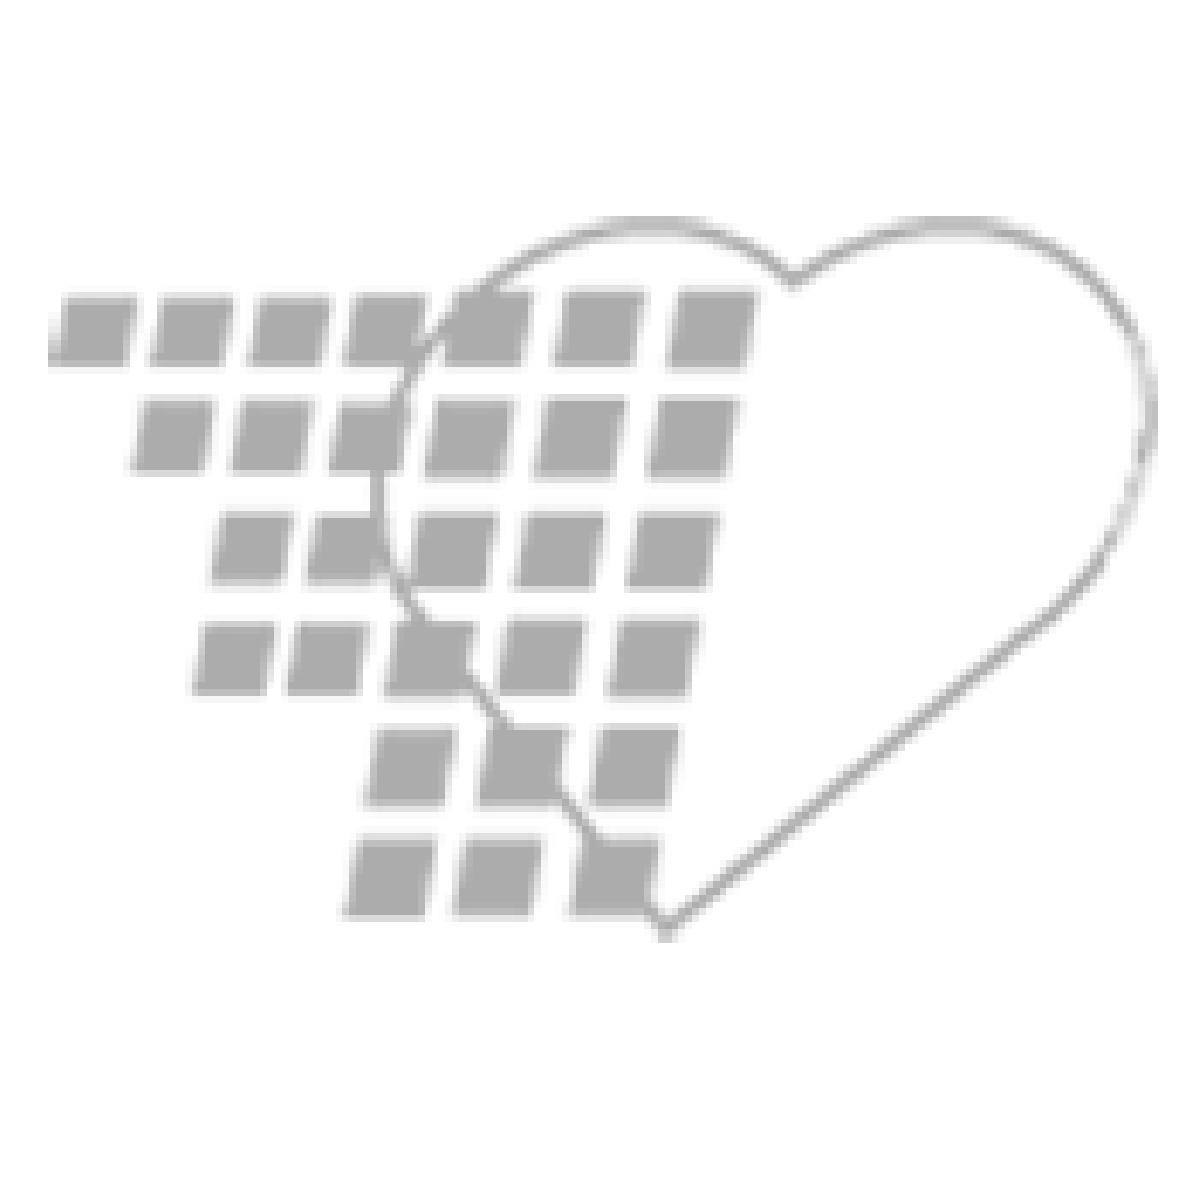 02-20-2693 KbPort BPSim